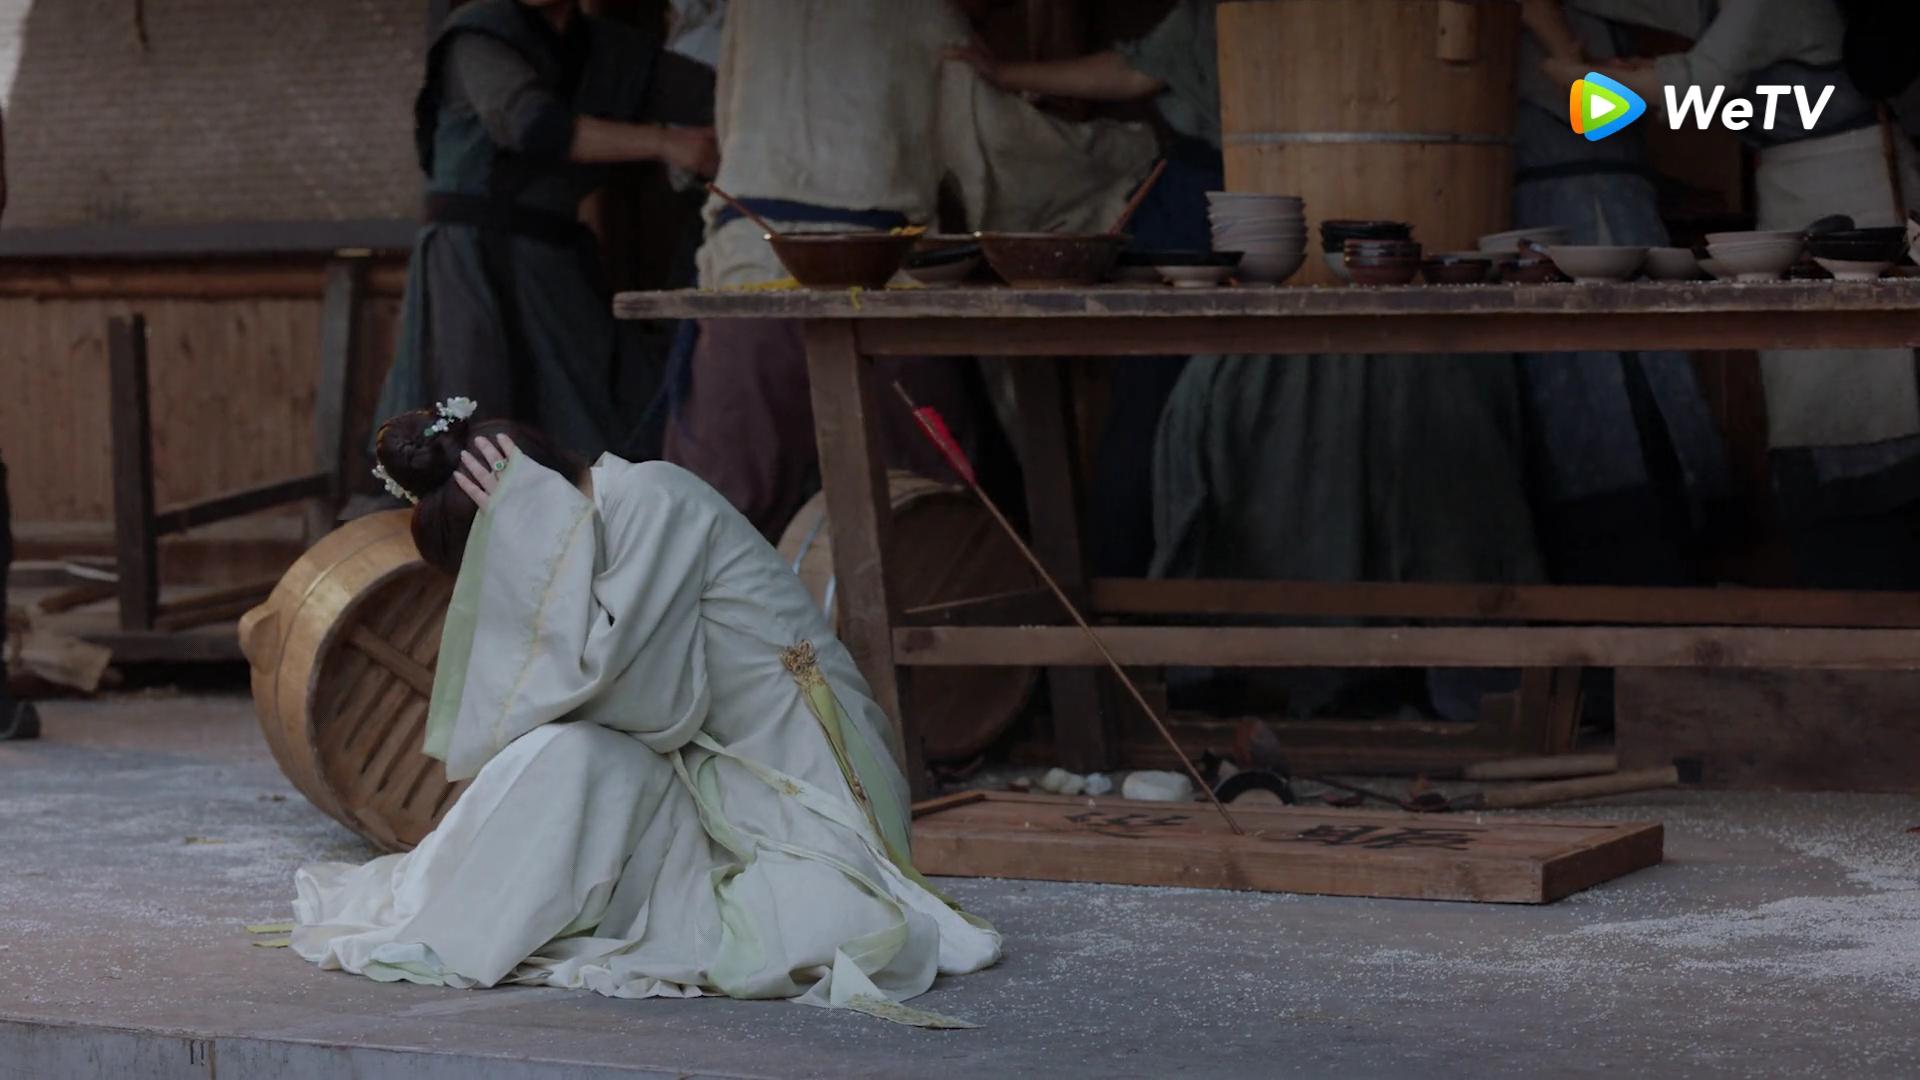 Nghiệp quật tơi tả trà xanh Cẩm Tâm Tựa Ngọc: Phạm tội khi quân bị Đàm Tùng Vận tóm sống, kết cục khiến dân chúng phẫn nộ - Ảnh 8.